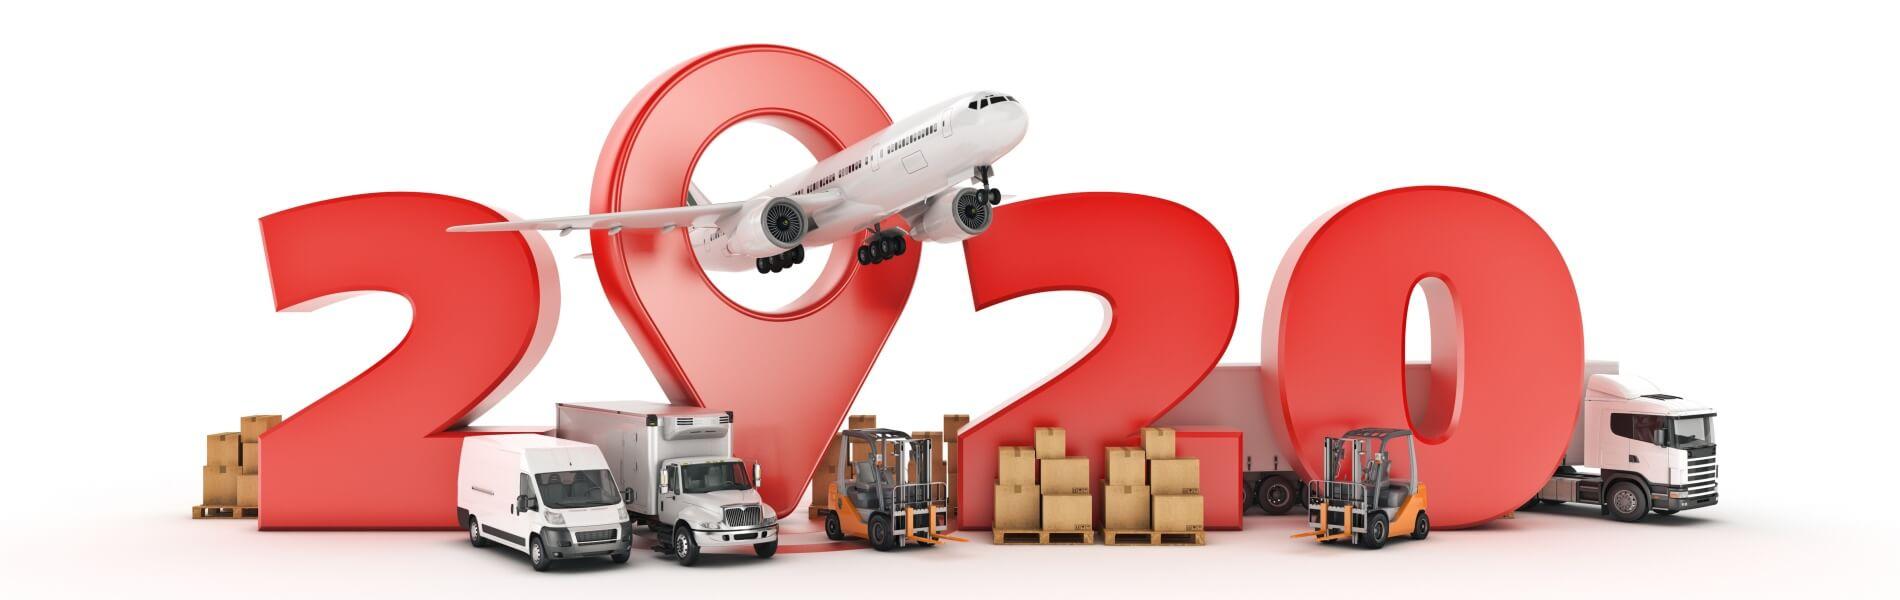 Logistik 2020: Die Trends im kommenden Jahr